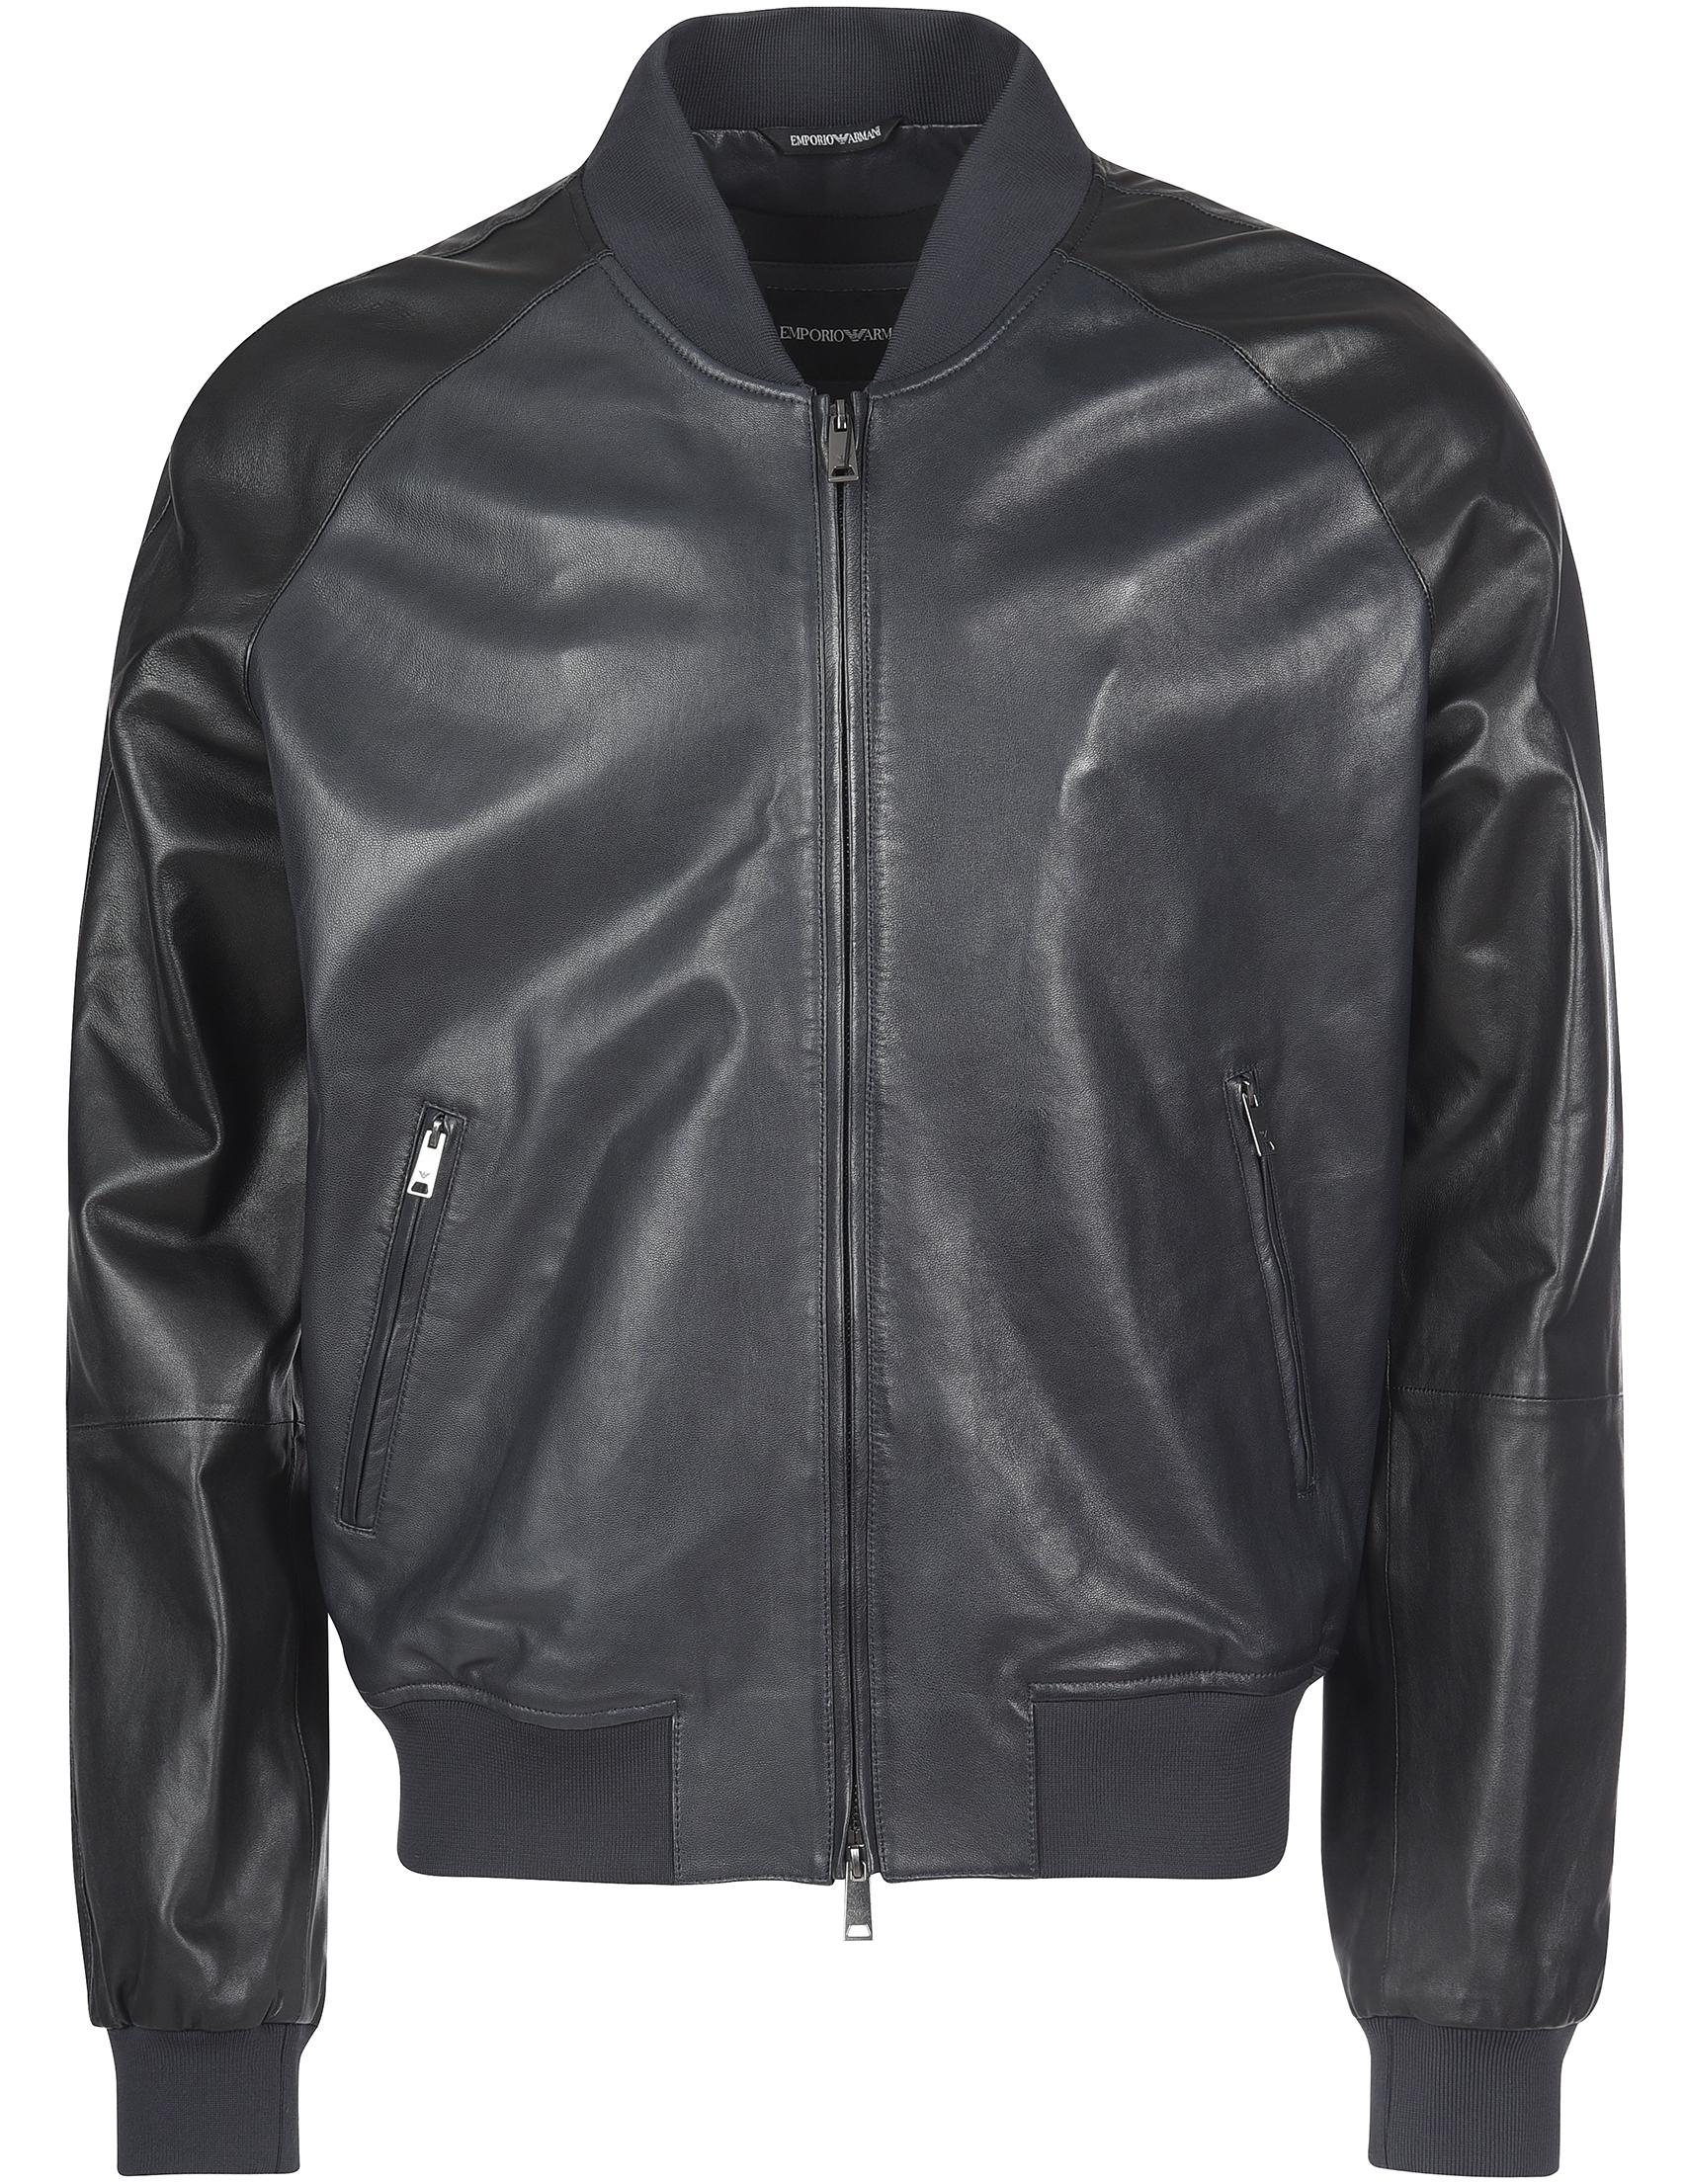 Купить Куртка, EMPORIO ARMANI, Черный, 100%Кожа;100%Полиэстер;96%Полиэстер 4%Эластан, Осень-Зима